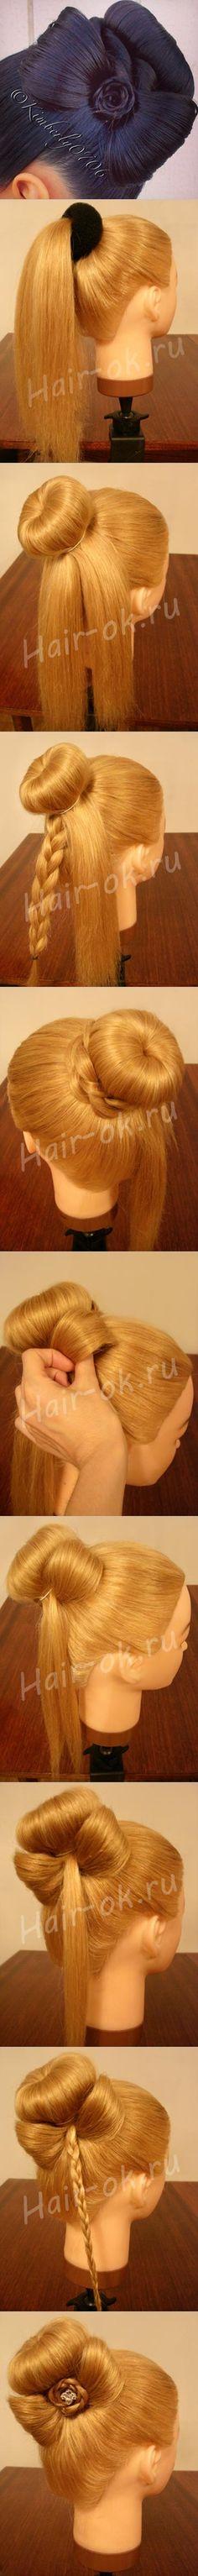 DIY Braided Bow Hairstyle | www.FabArtDIY.com LIKE Us on Facebook ==> https://www.facebook.com/FabArtDIY